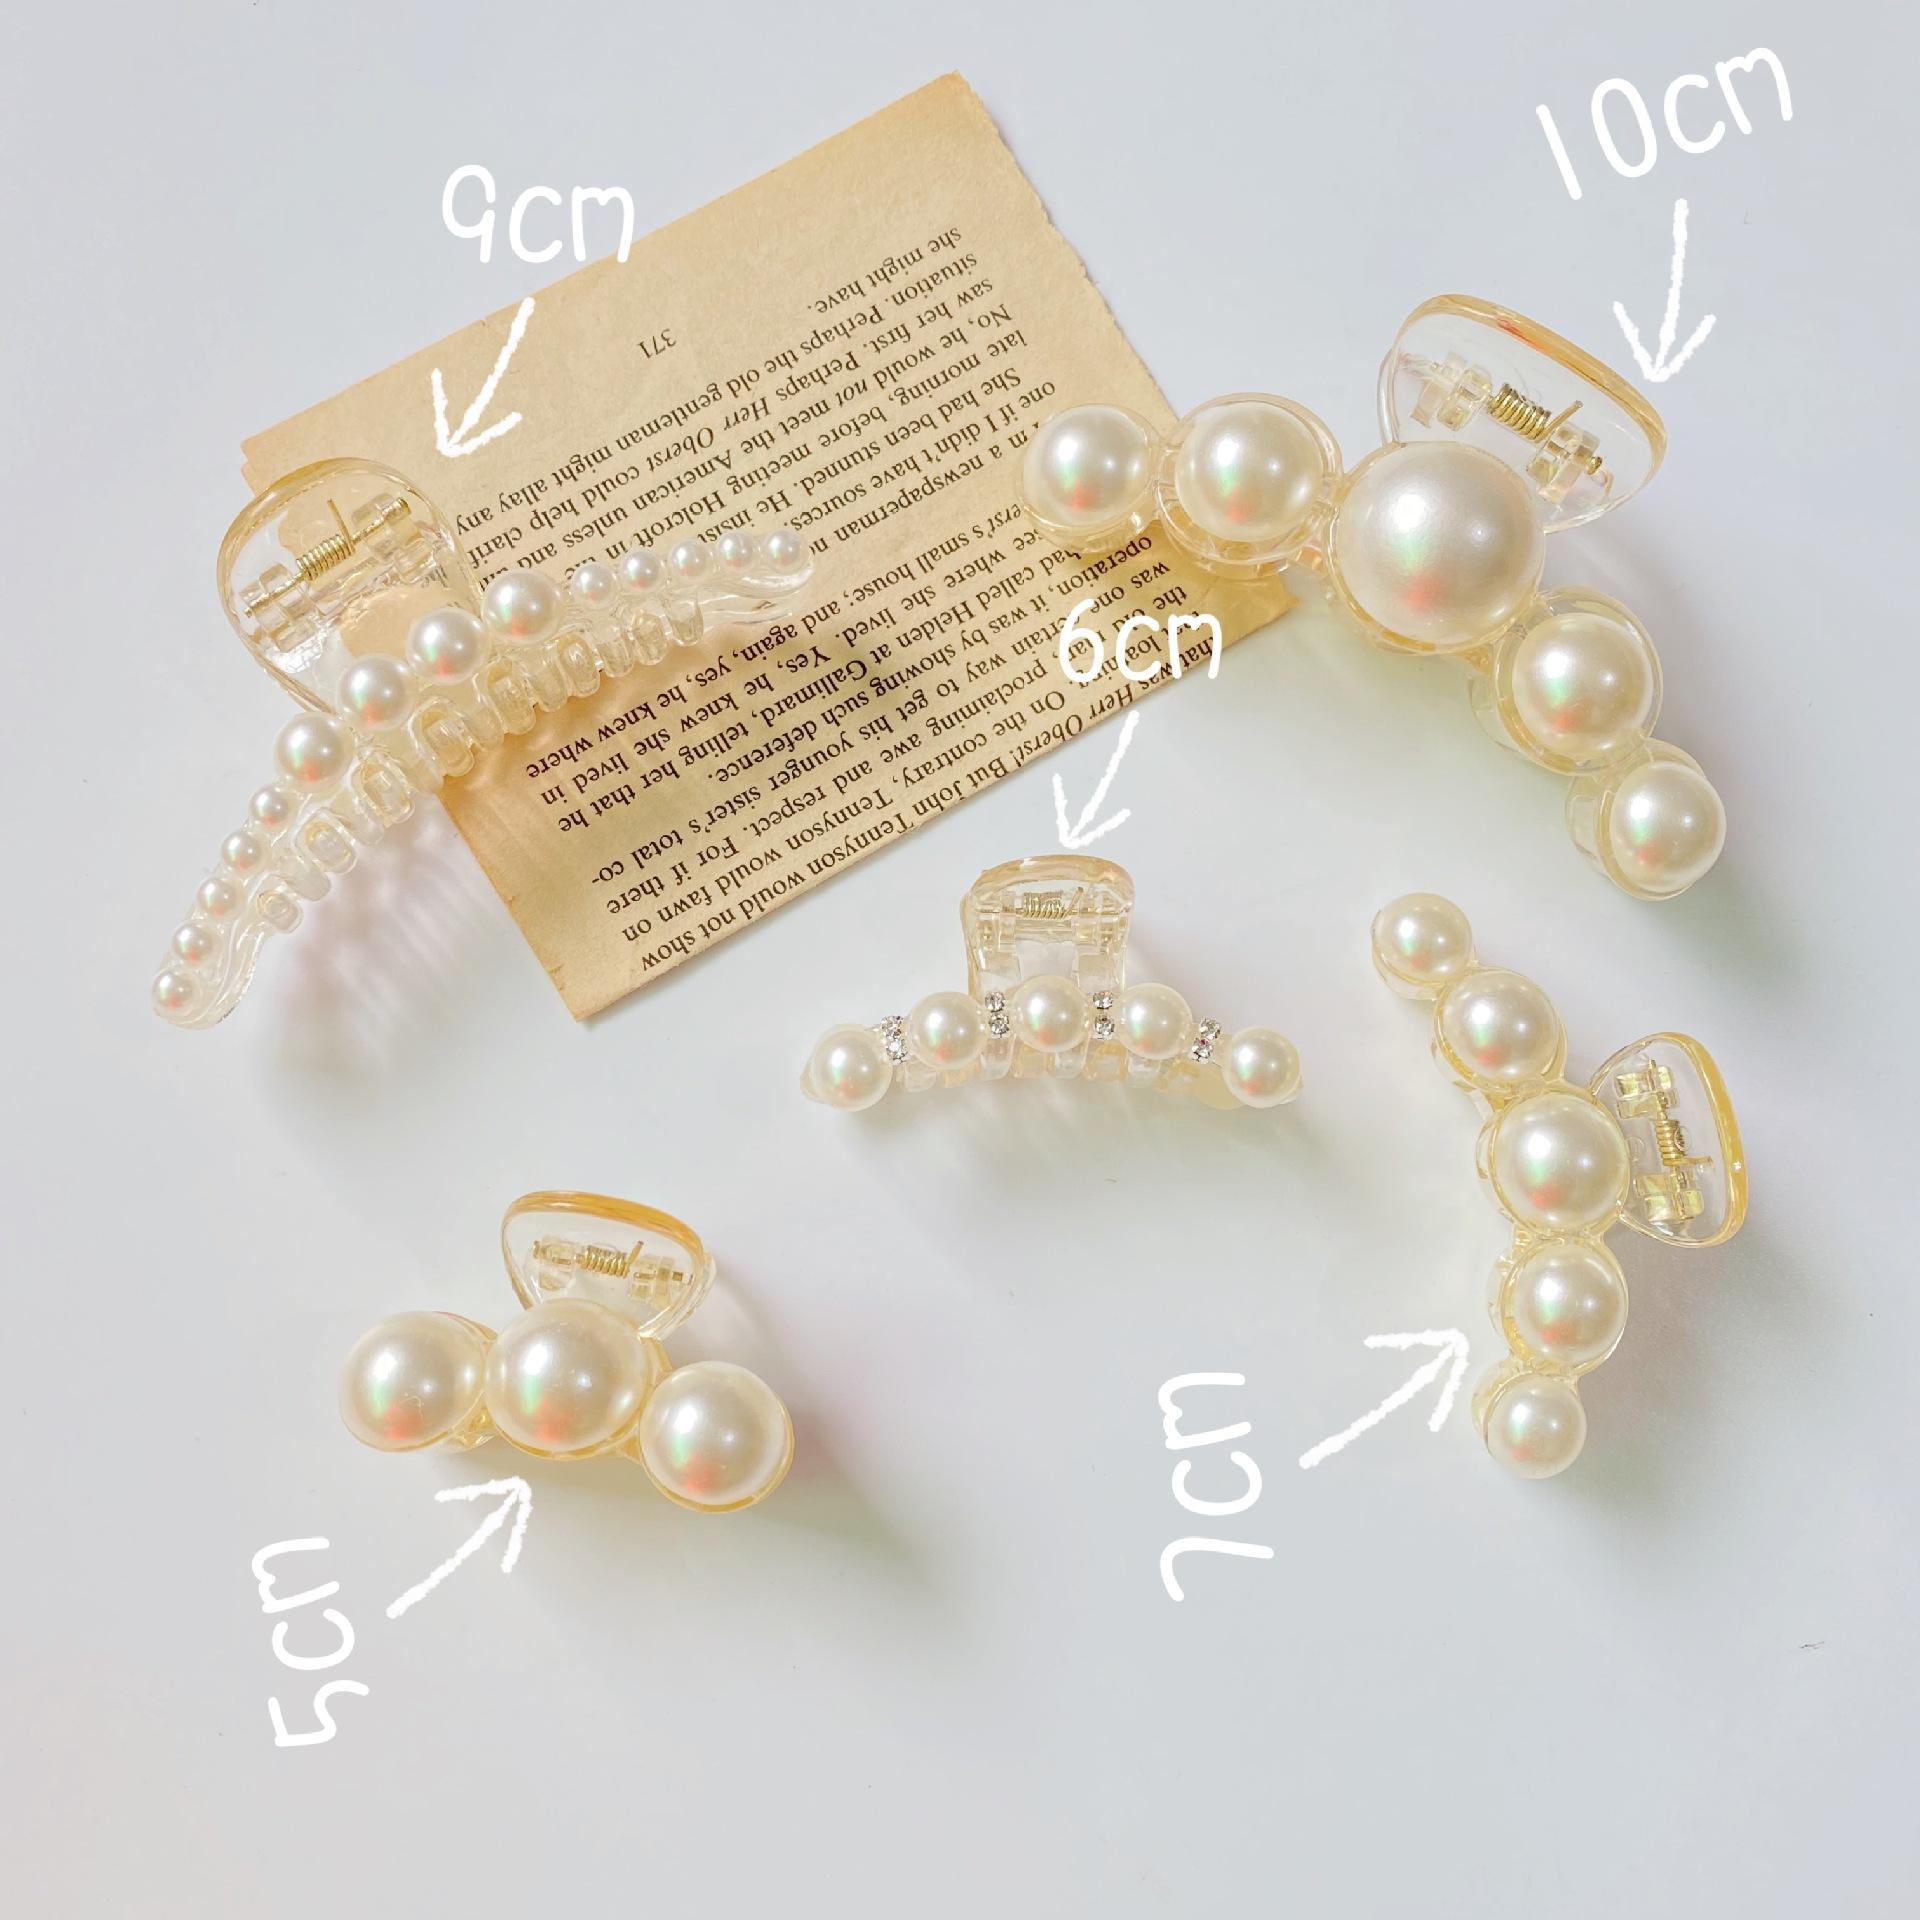 (Hàng Mới Về) 1 Kẹp Tóc Ngọc Trai Giả 13 Kích Cỡ Thời Trang Nữ